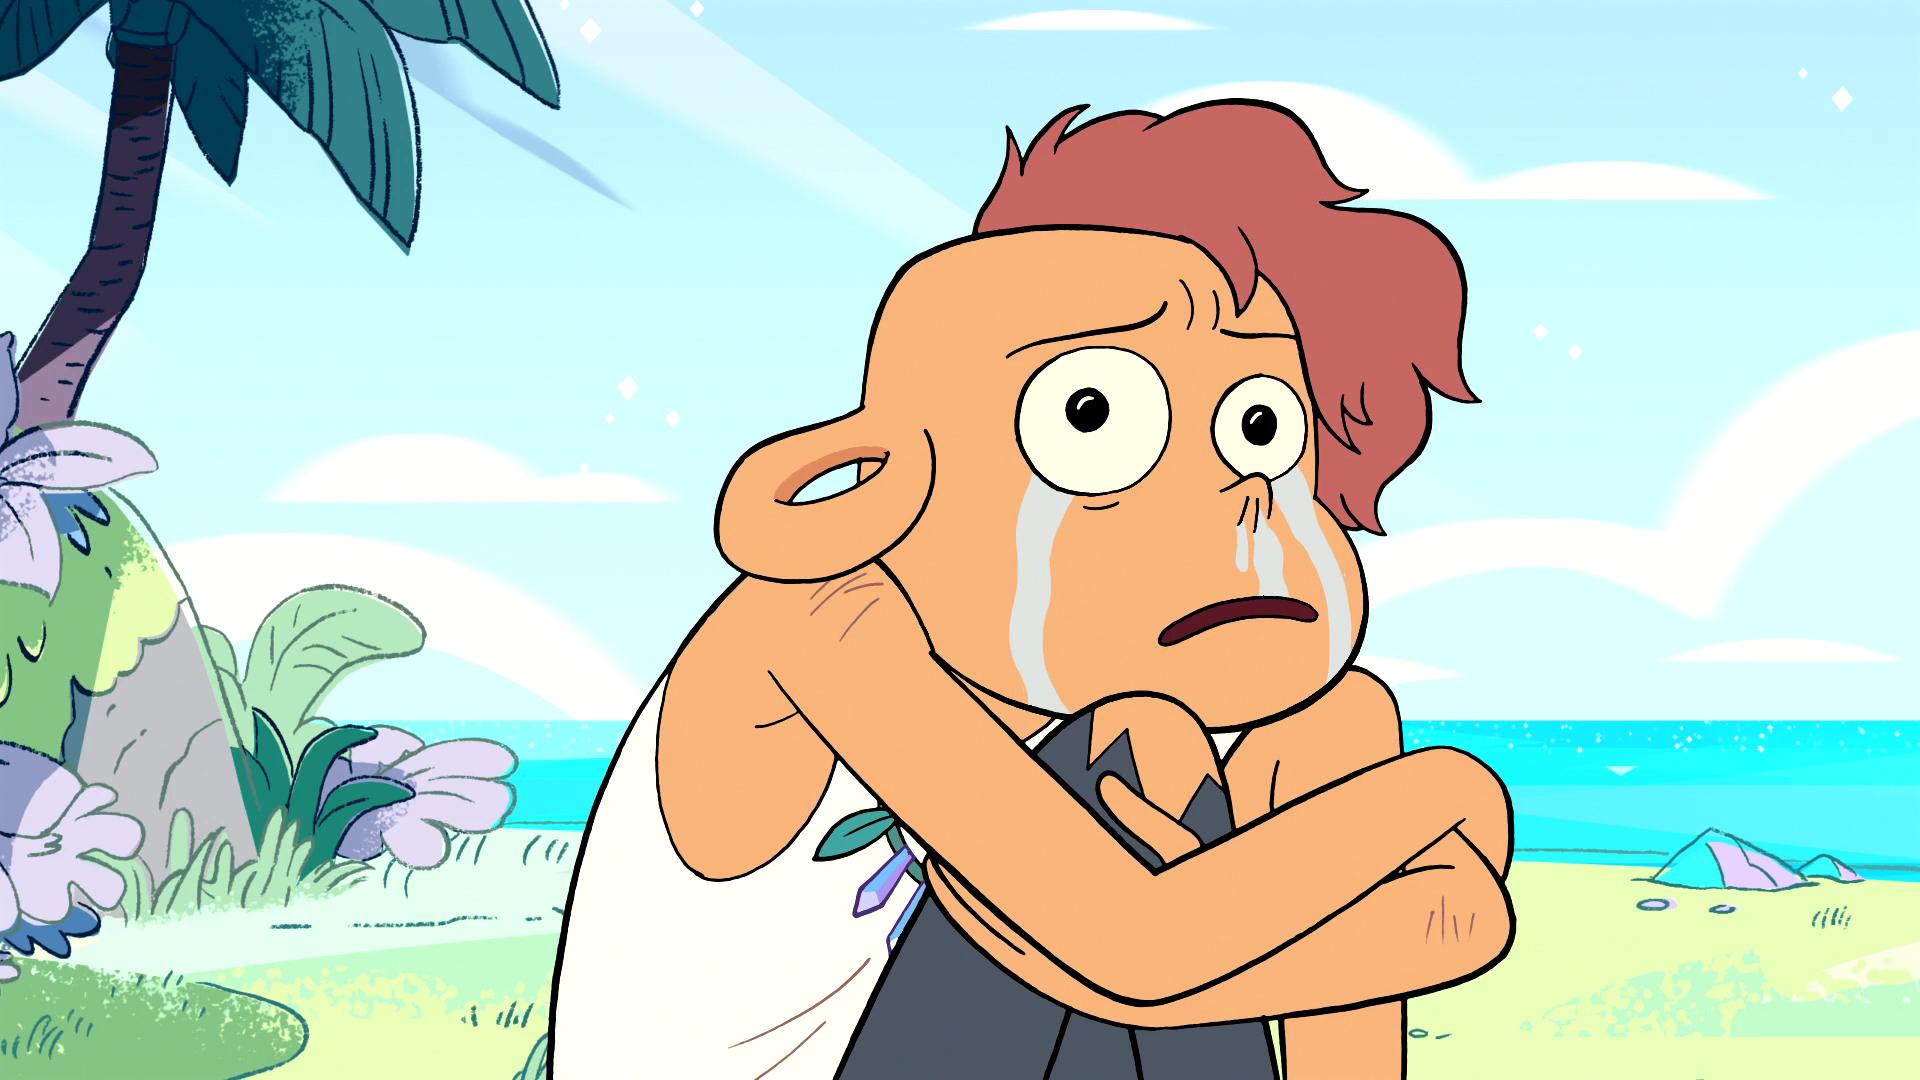 Image Steven Universe S01e30 Island Adventure 1080p Web